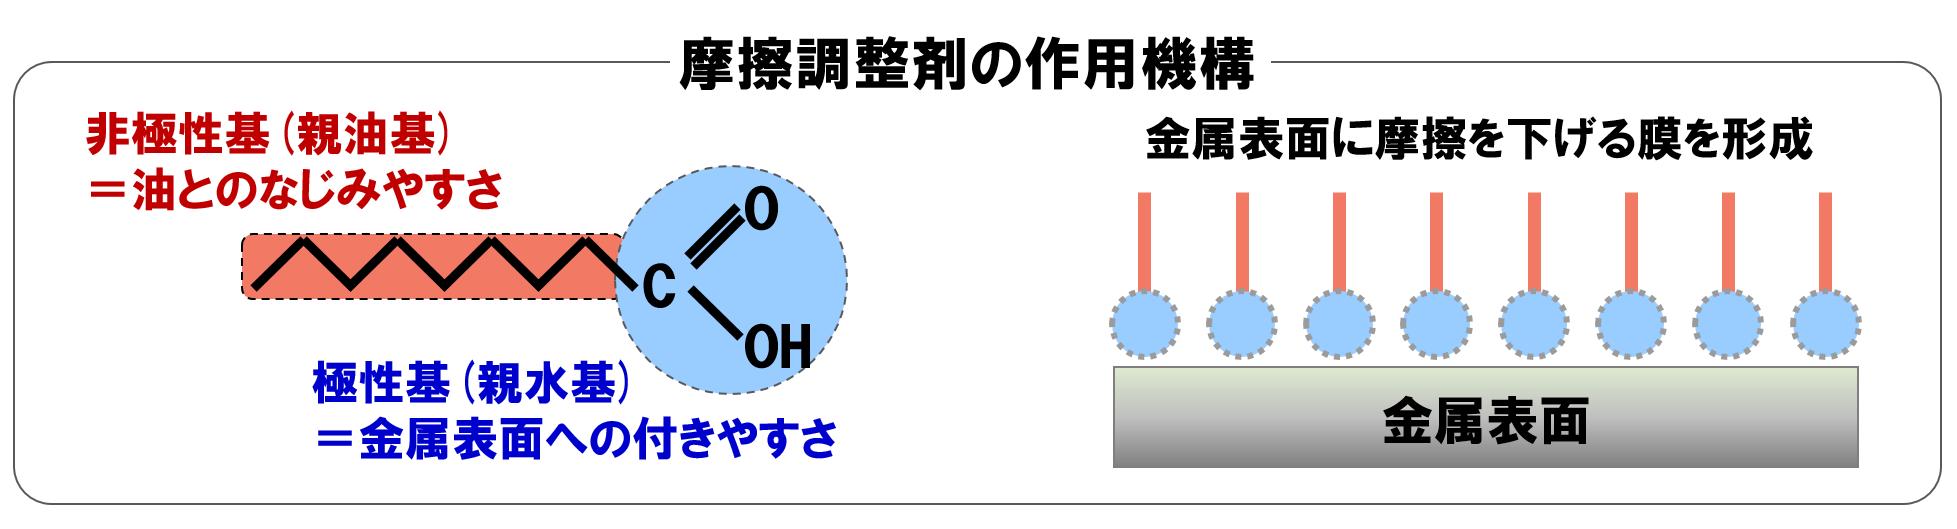 摩擦調整剤の作用を説明する図です。